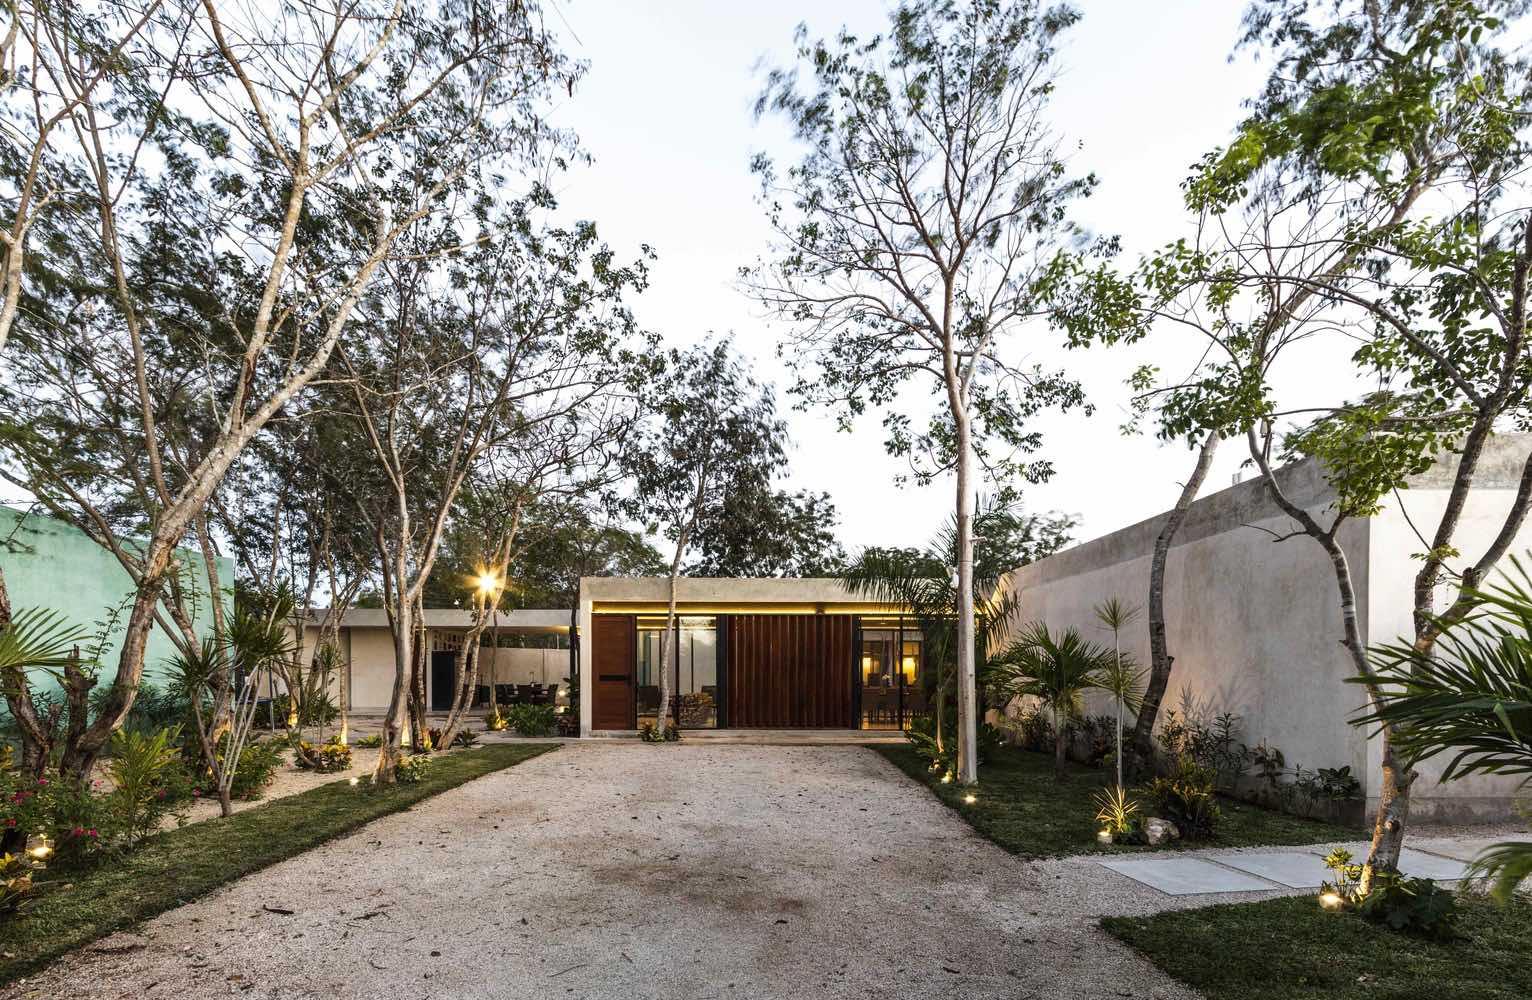 Architecture_Casa_Canto_Cholu_Aller_Estilo_Arquitectura_05